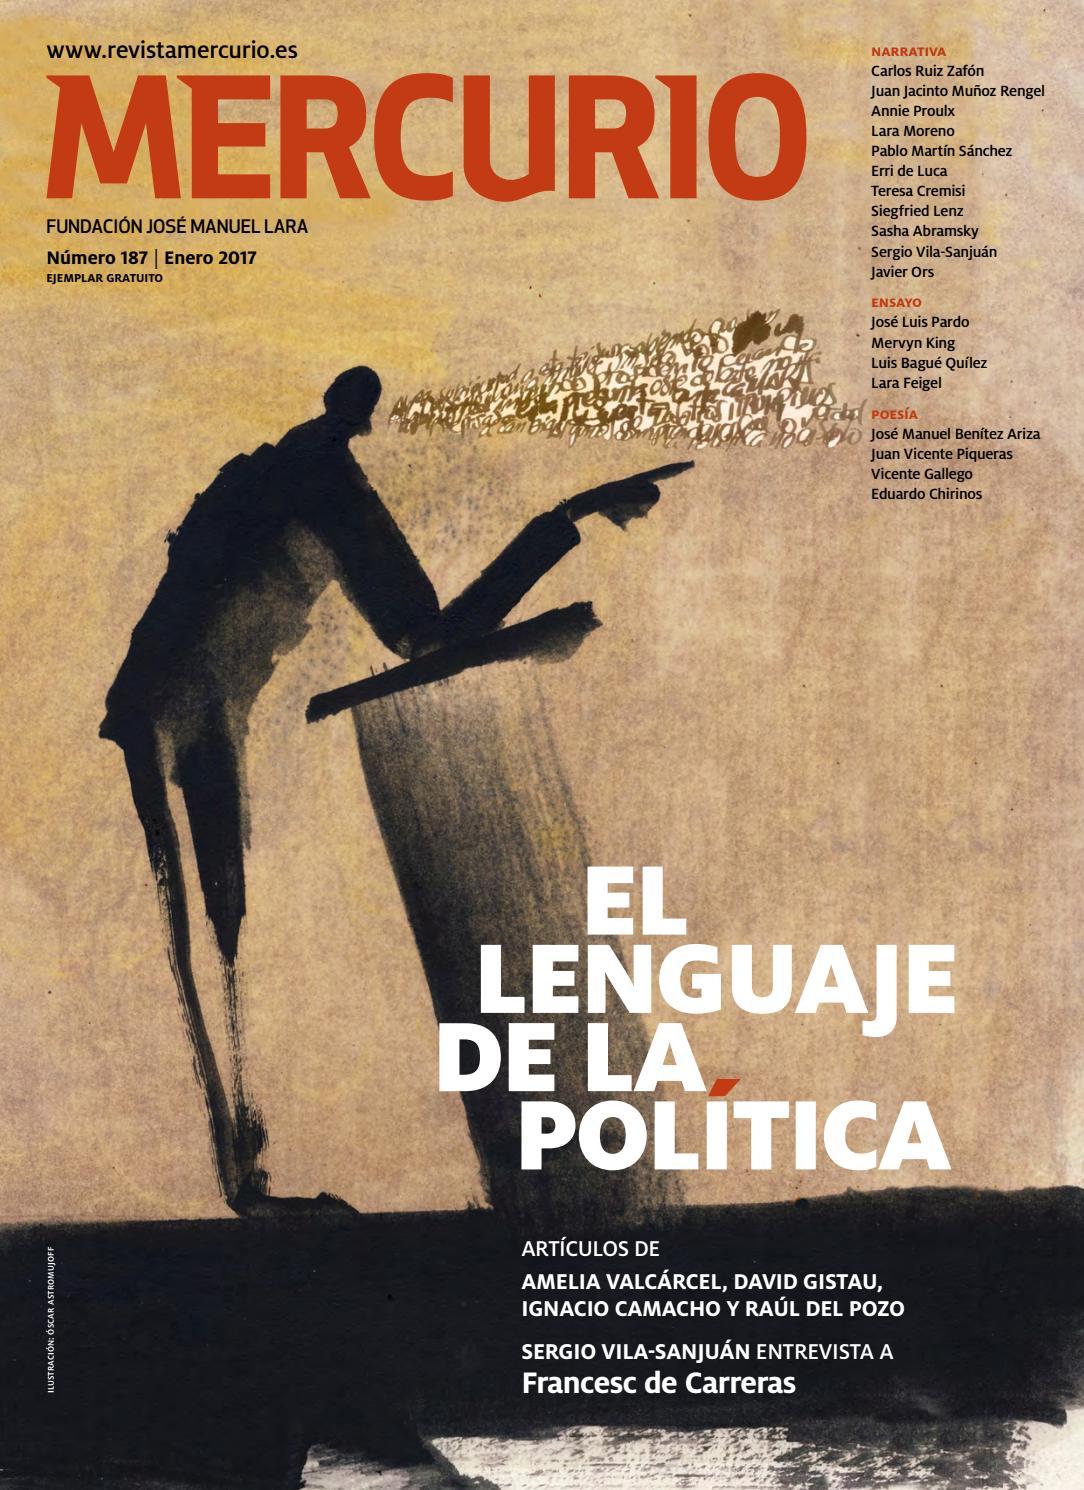 056ac6602 Mercurio 187 - El lenguaje de la política by mario guerola - issuu